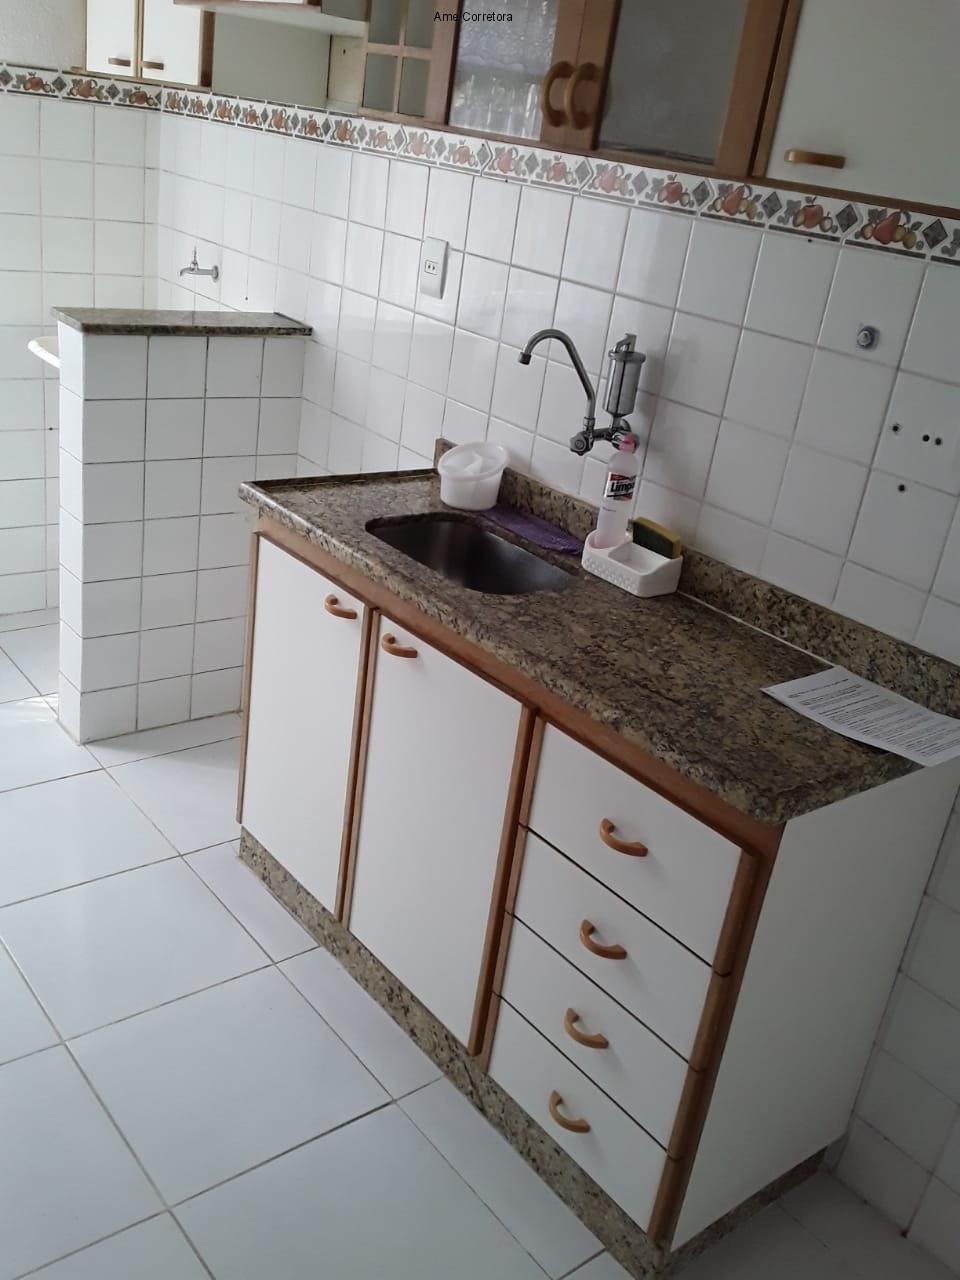 FOTO 14 - Apartamento 2 quartos à venda Rio de Janeiro,RJ - R$ 110.000 - AP00363 - 15